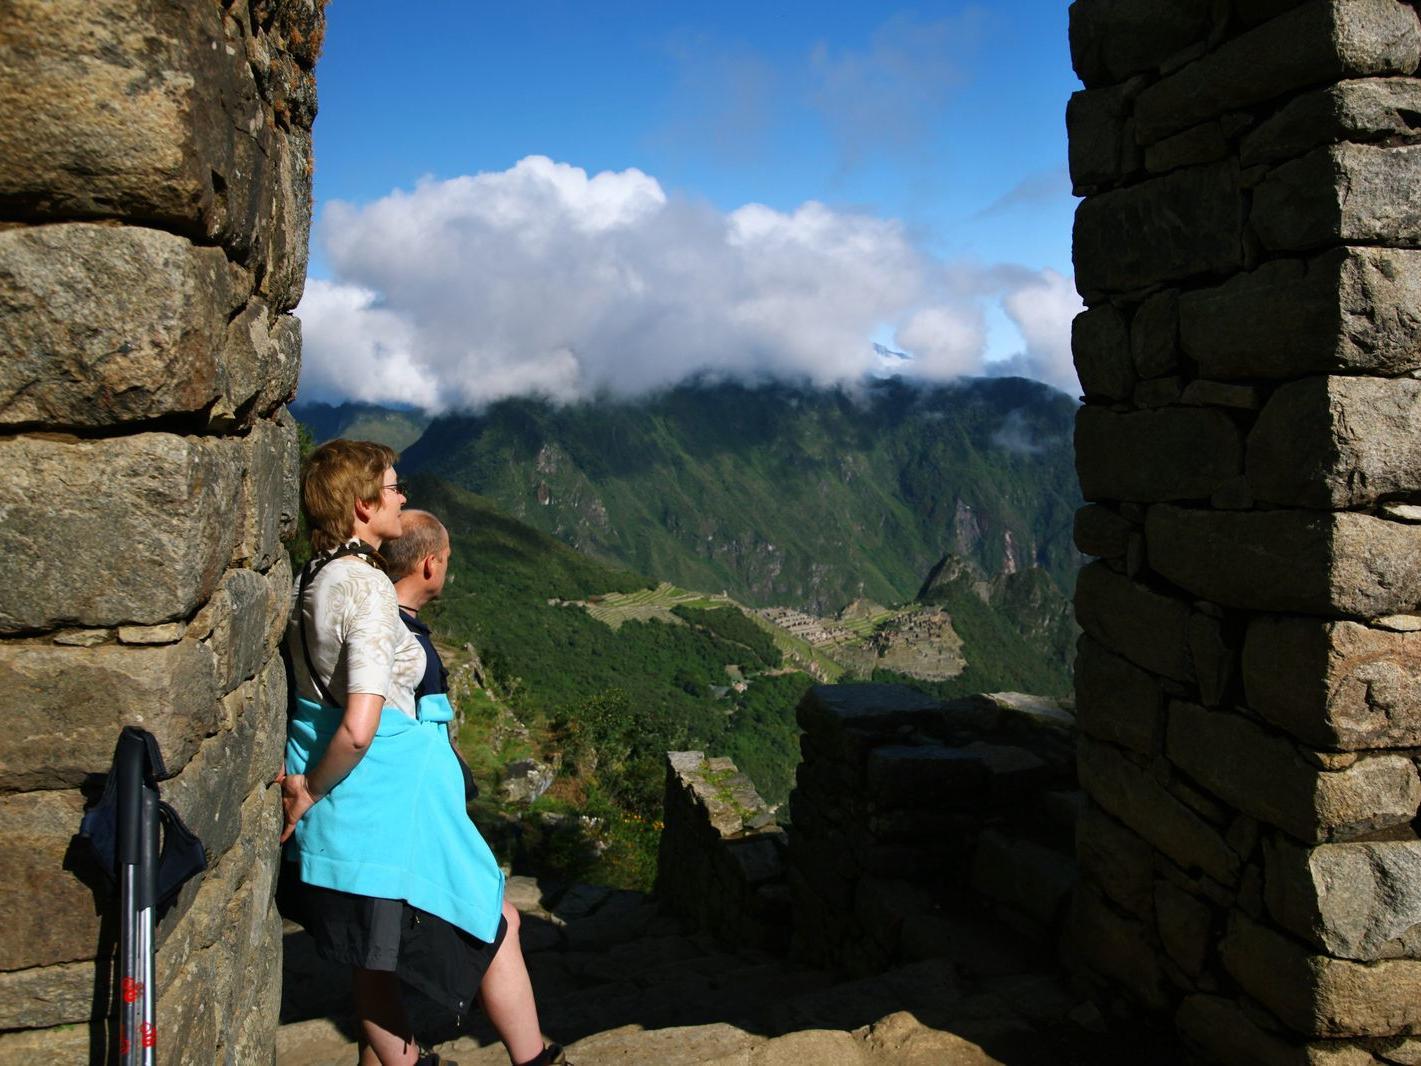 A couple admiring the view in The Sun Gate near Hotel Sumaq